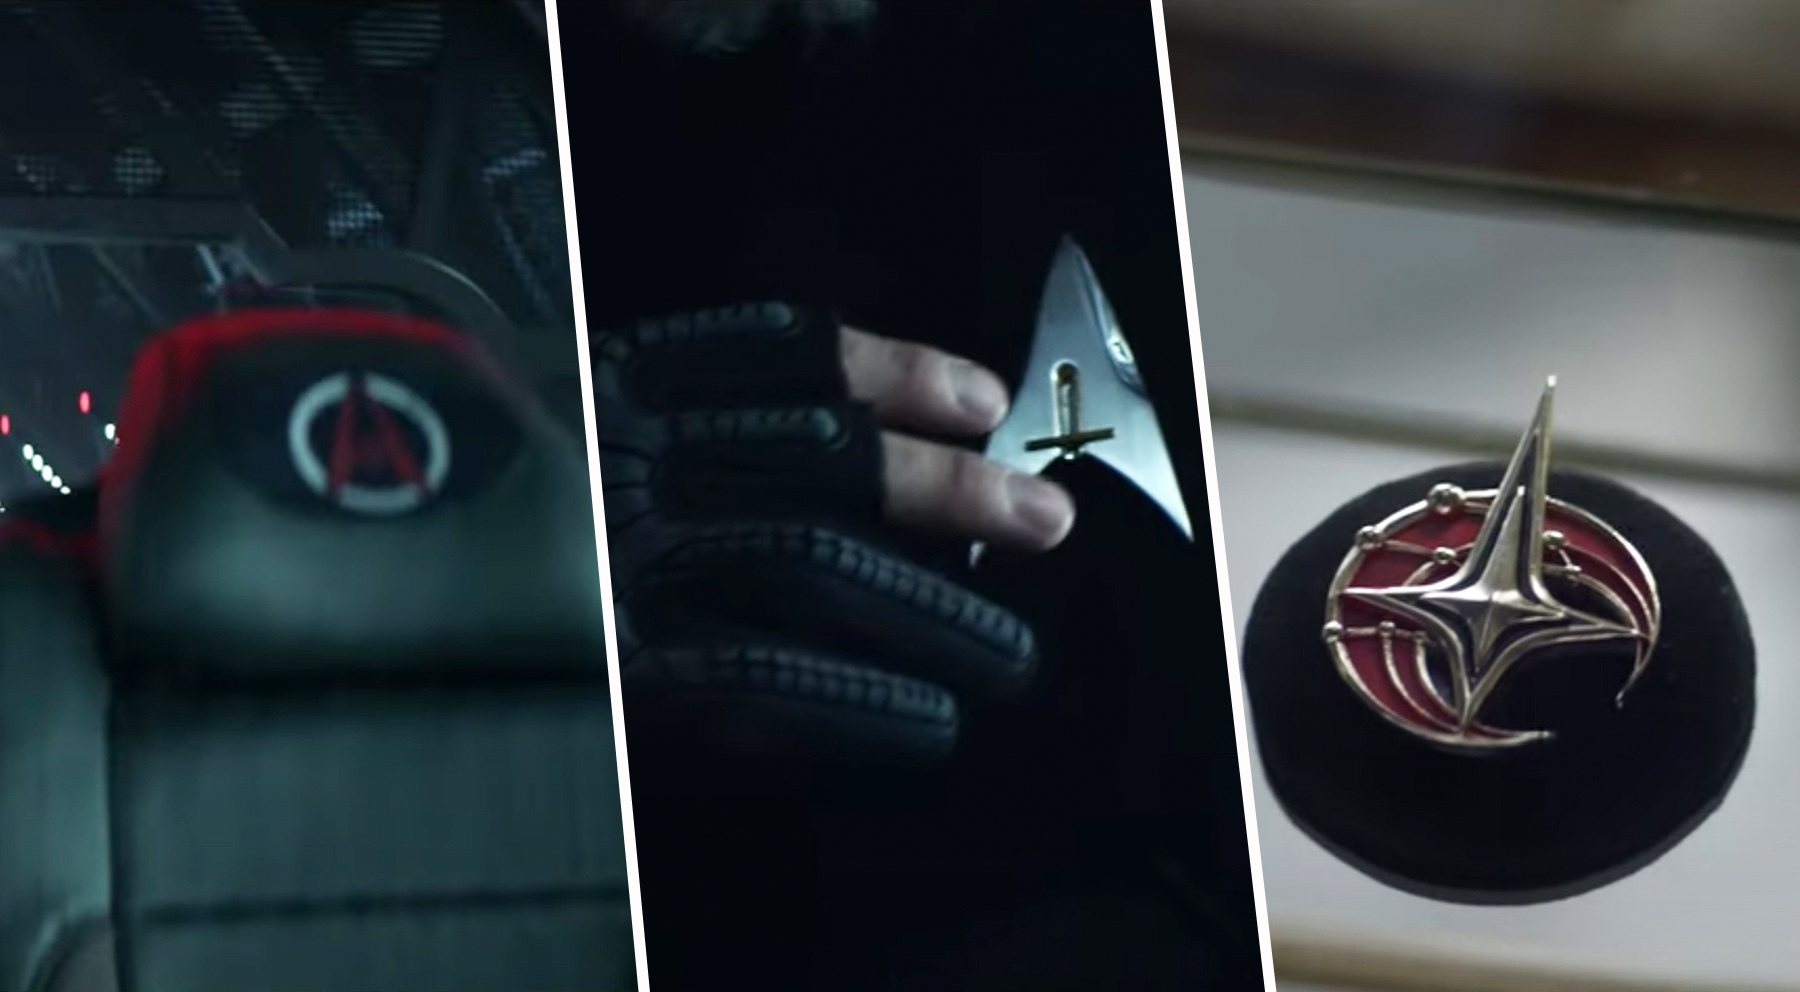 Le nouveau badge que Rios a et apparaît sur le siège de La Sirena, est-il le même logo que celui de Seven ?